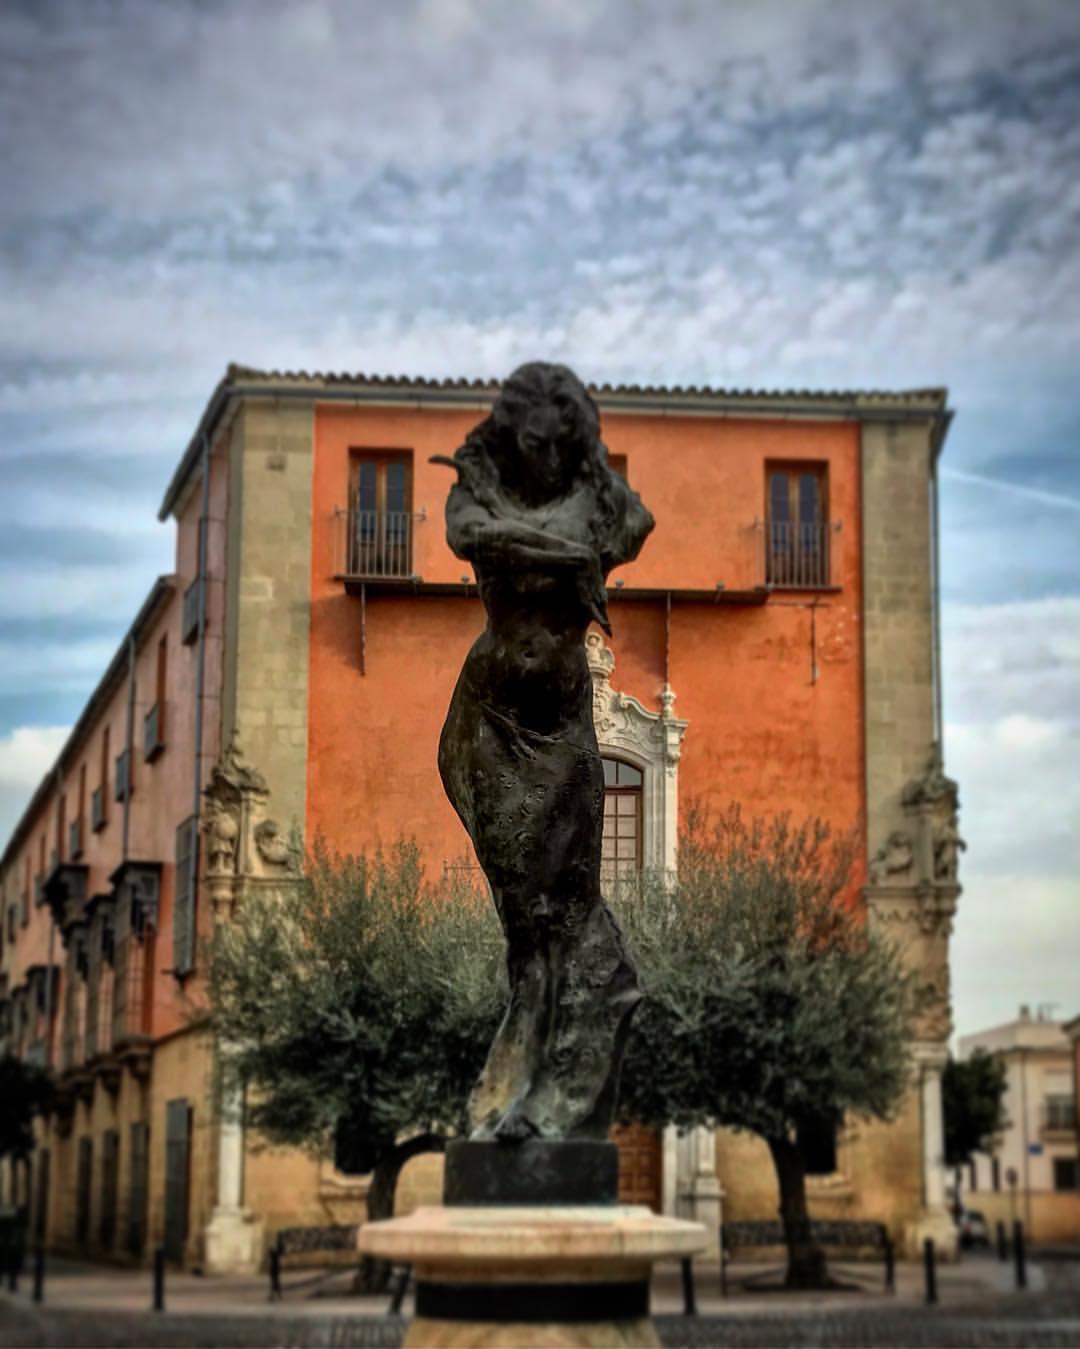 Monumento to Lola Flores.jpg